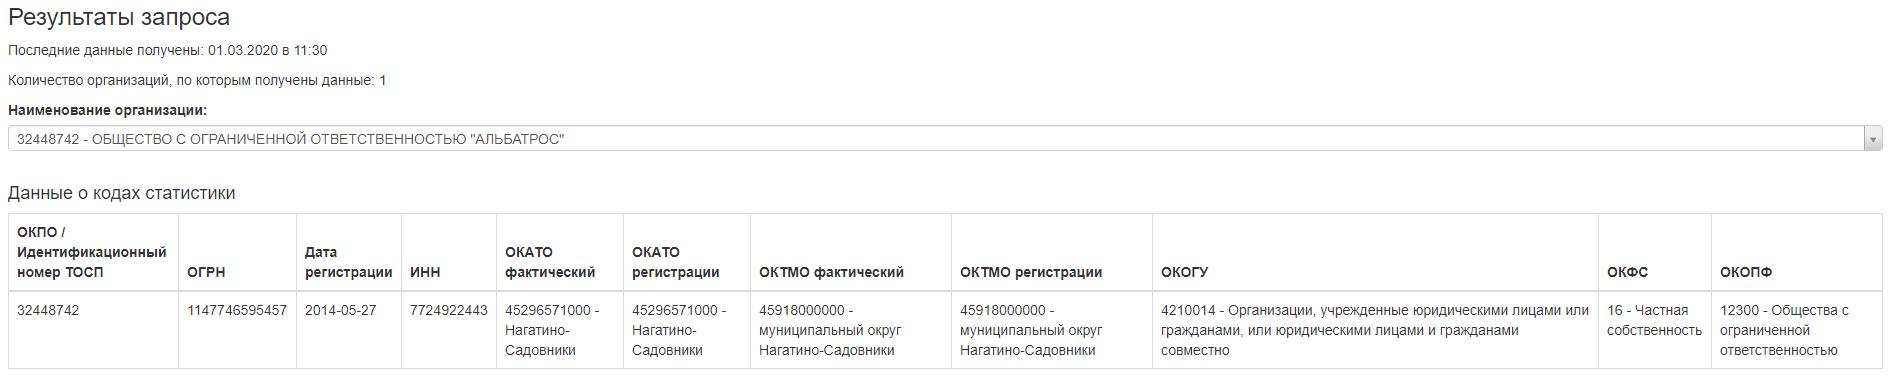 Результат данных о кодах статистики по ООО